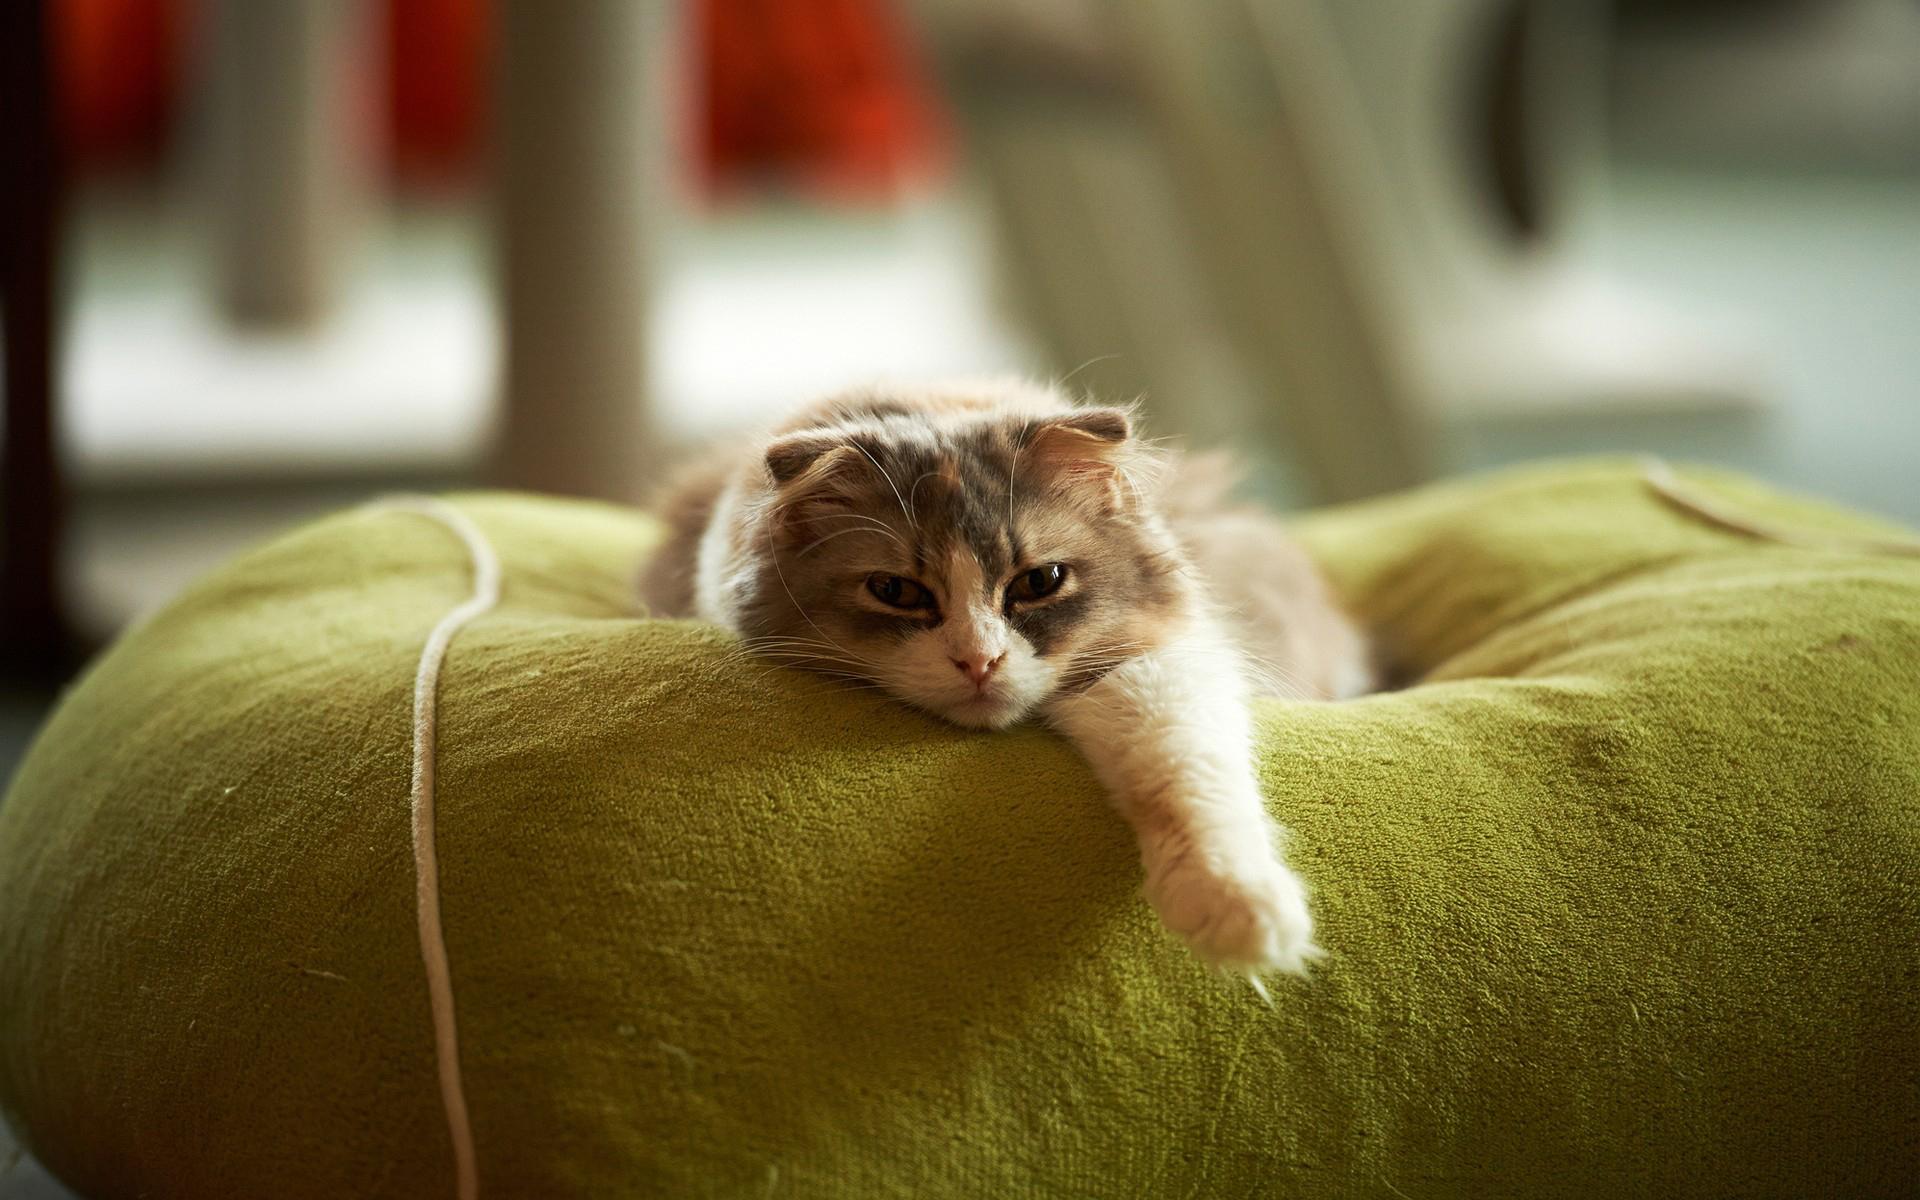 упитанный кот лапки  № 2866454 загрузить